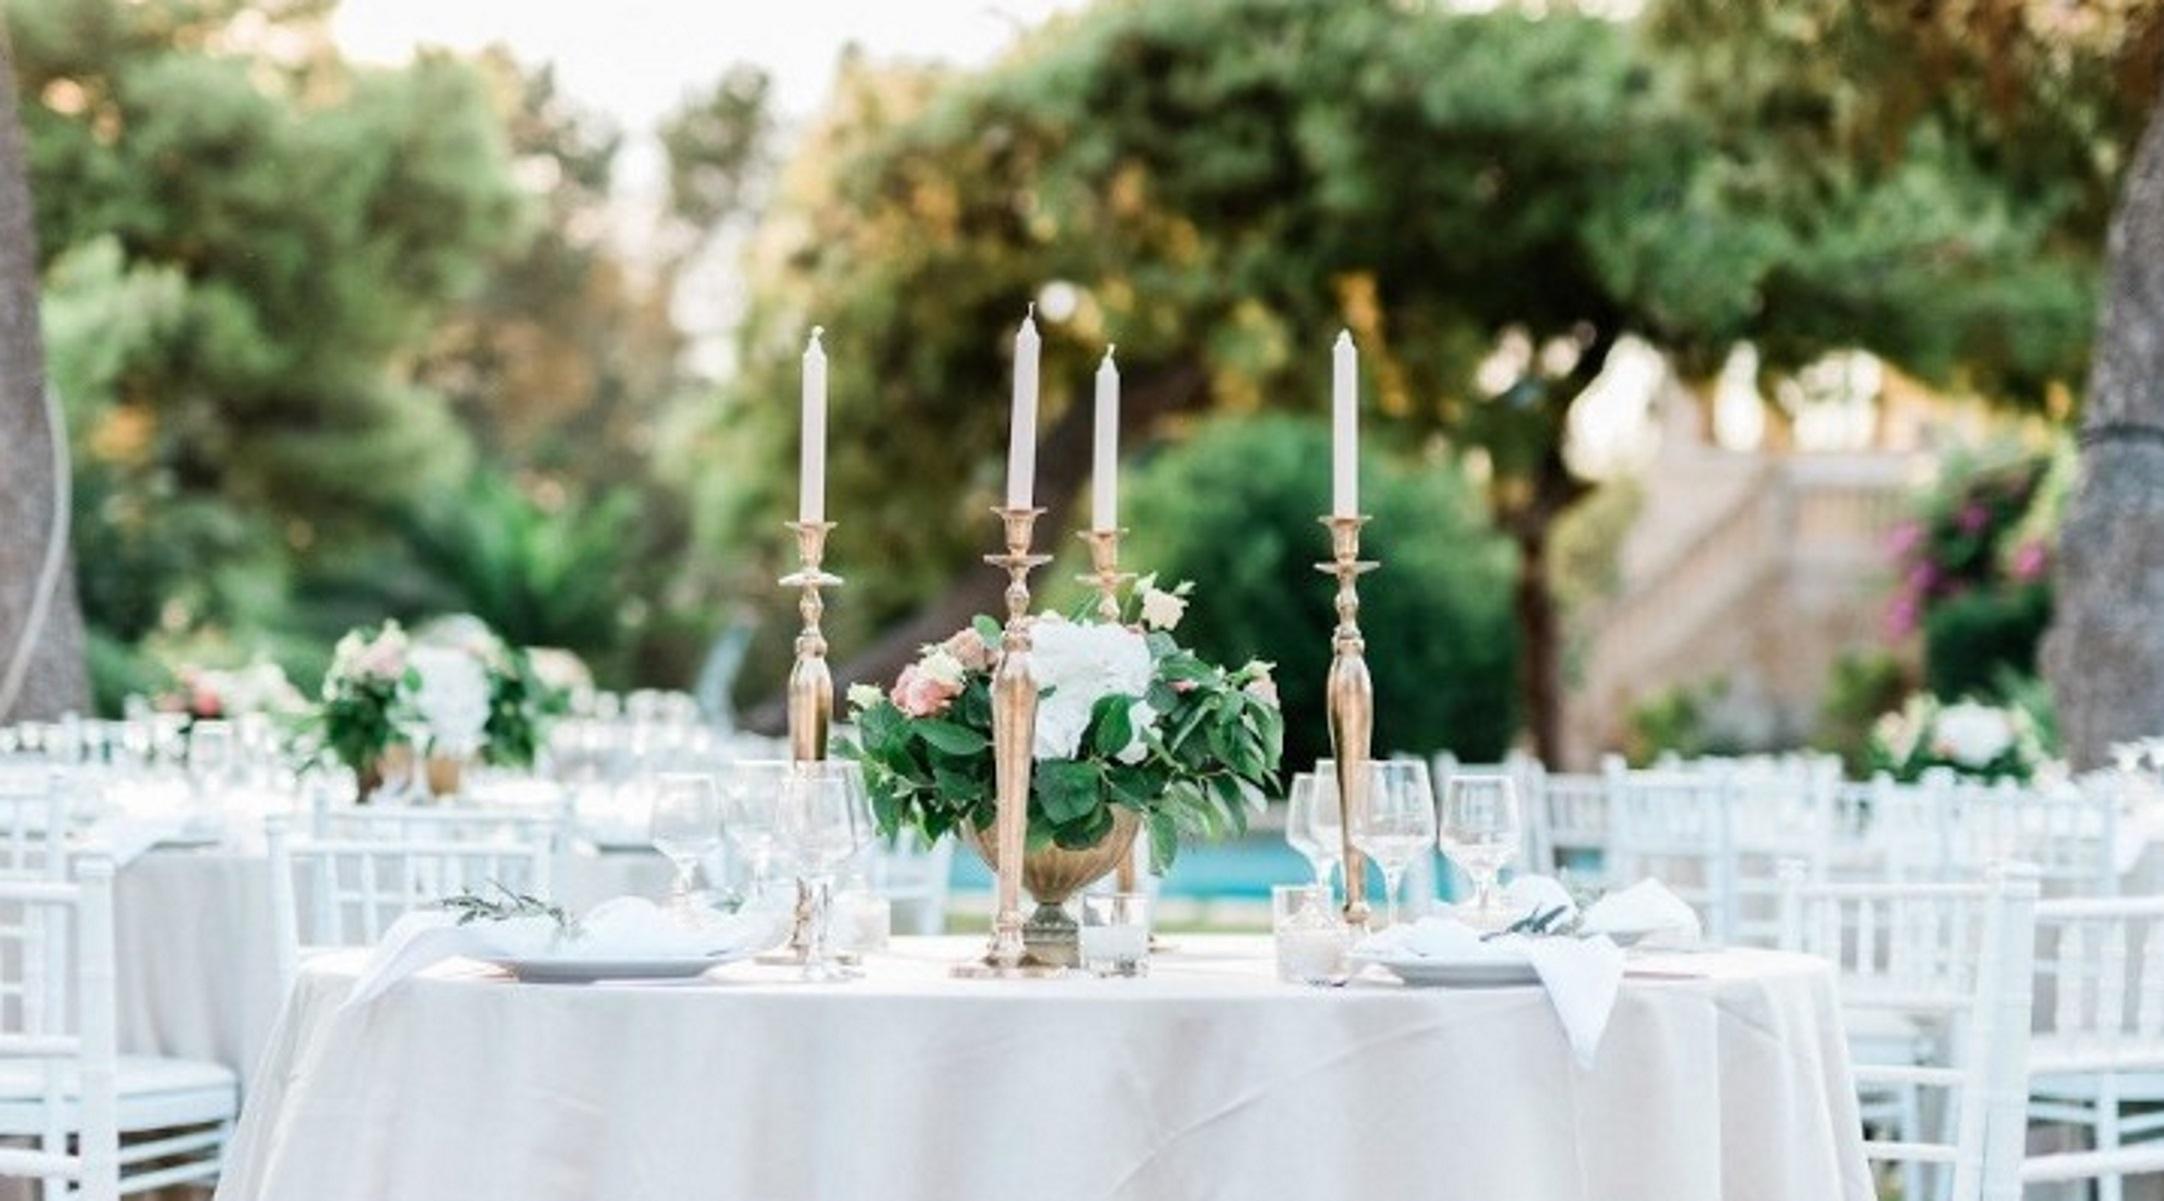 Κορονοϊός – Εύβοια: Γαμήλιο γλέντι σε βίλα με 600 καλεσμένους